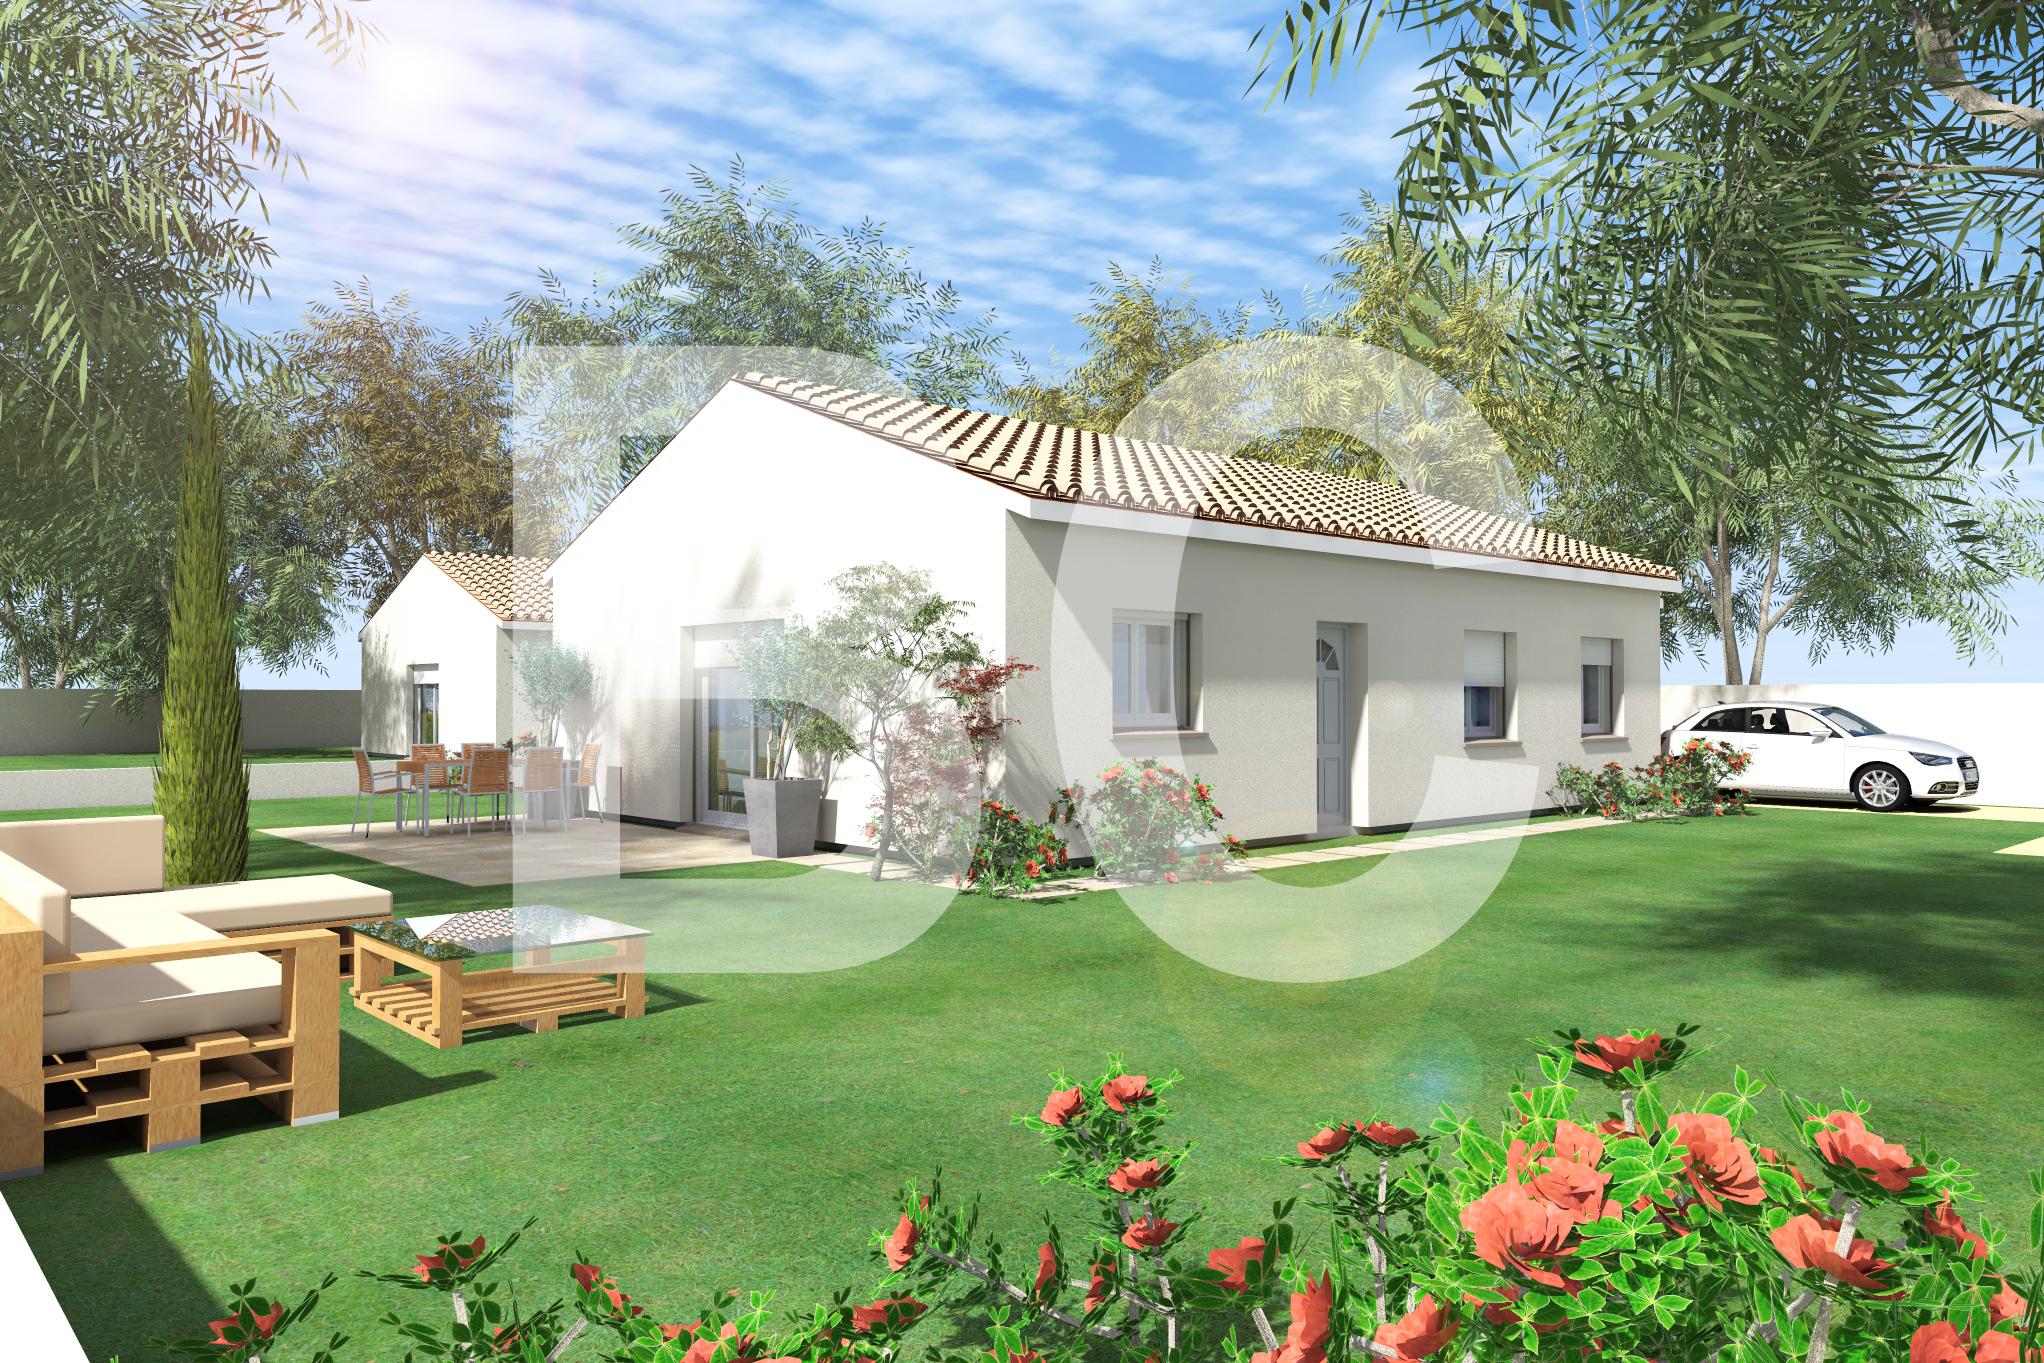 Maisons + Terrains du constructeur BATI CONCEPT 26/07 •  m² • AUBENAS